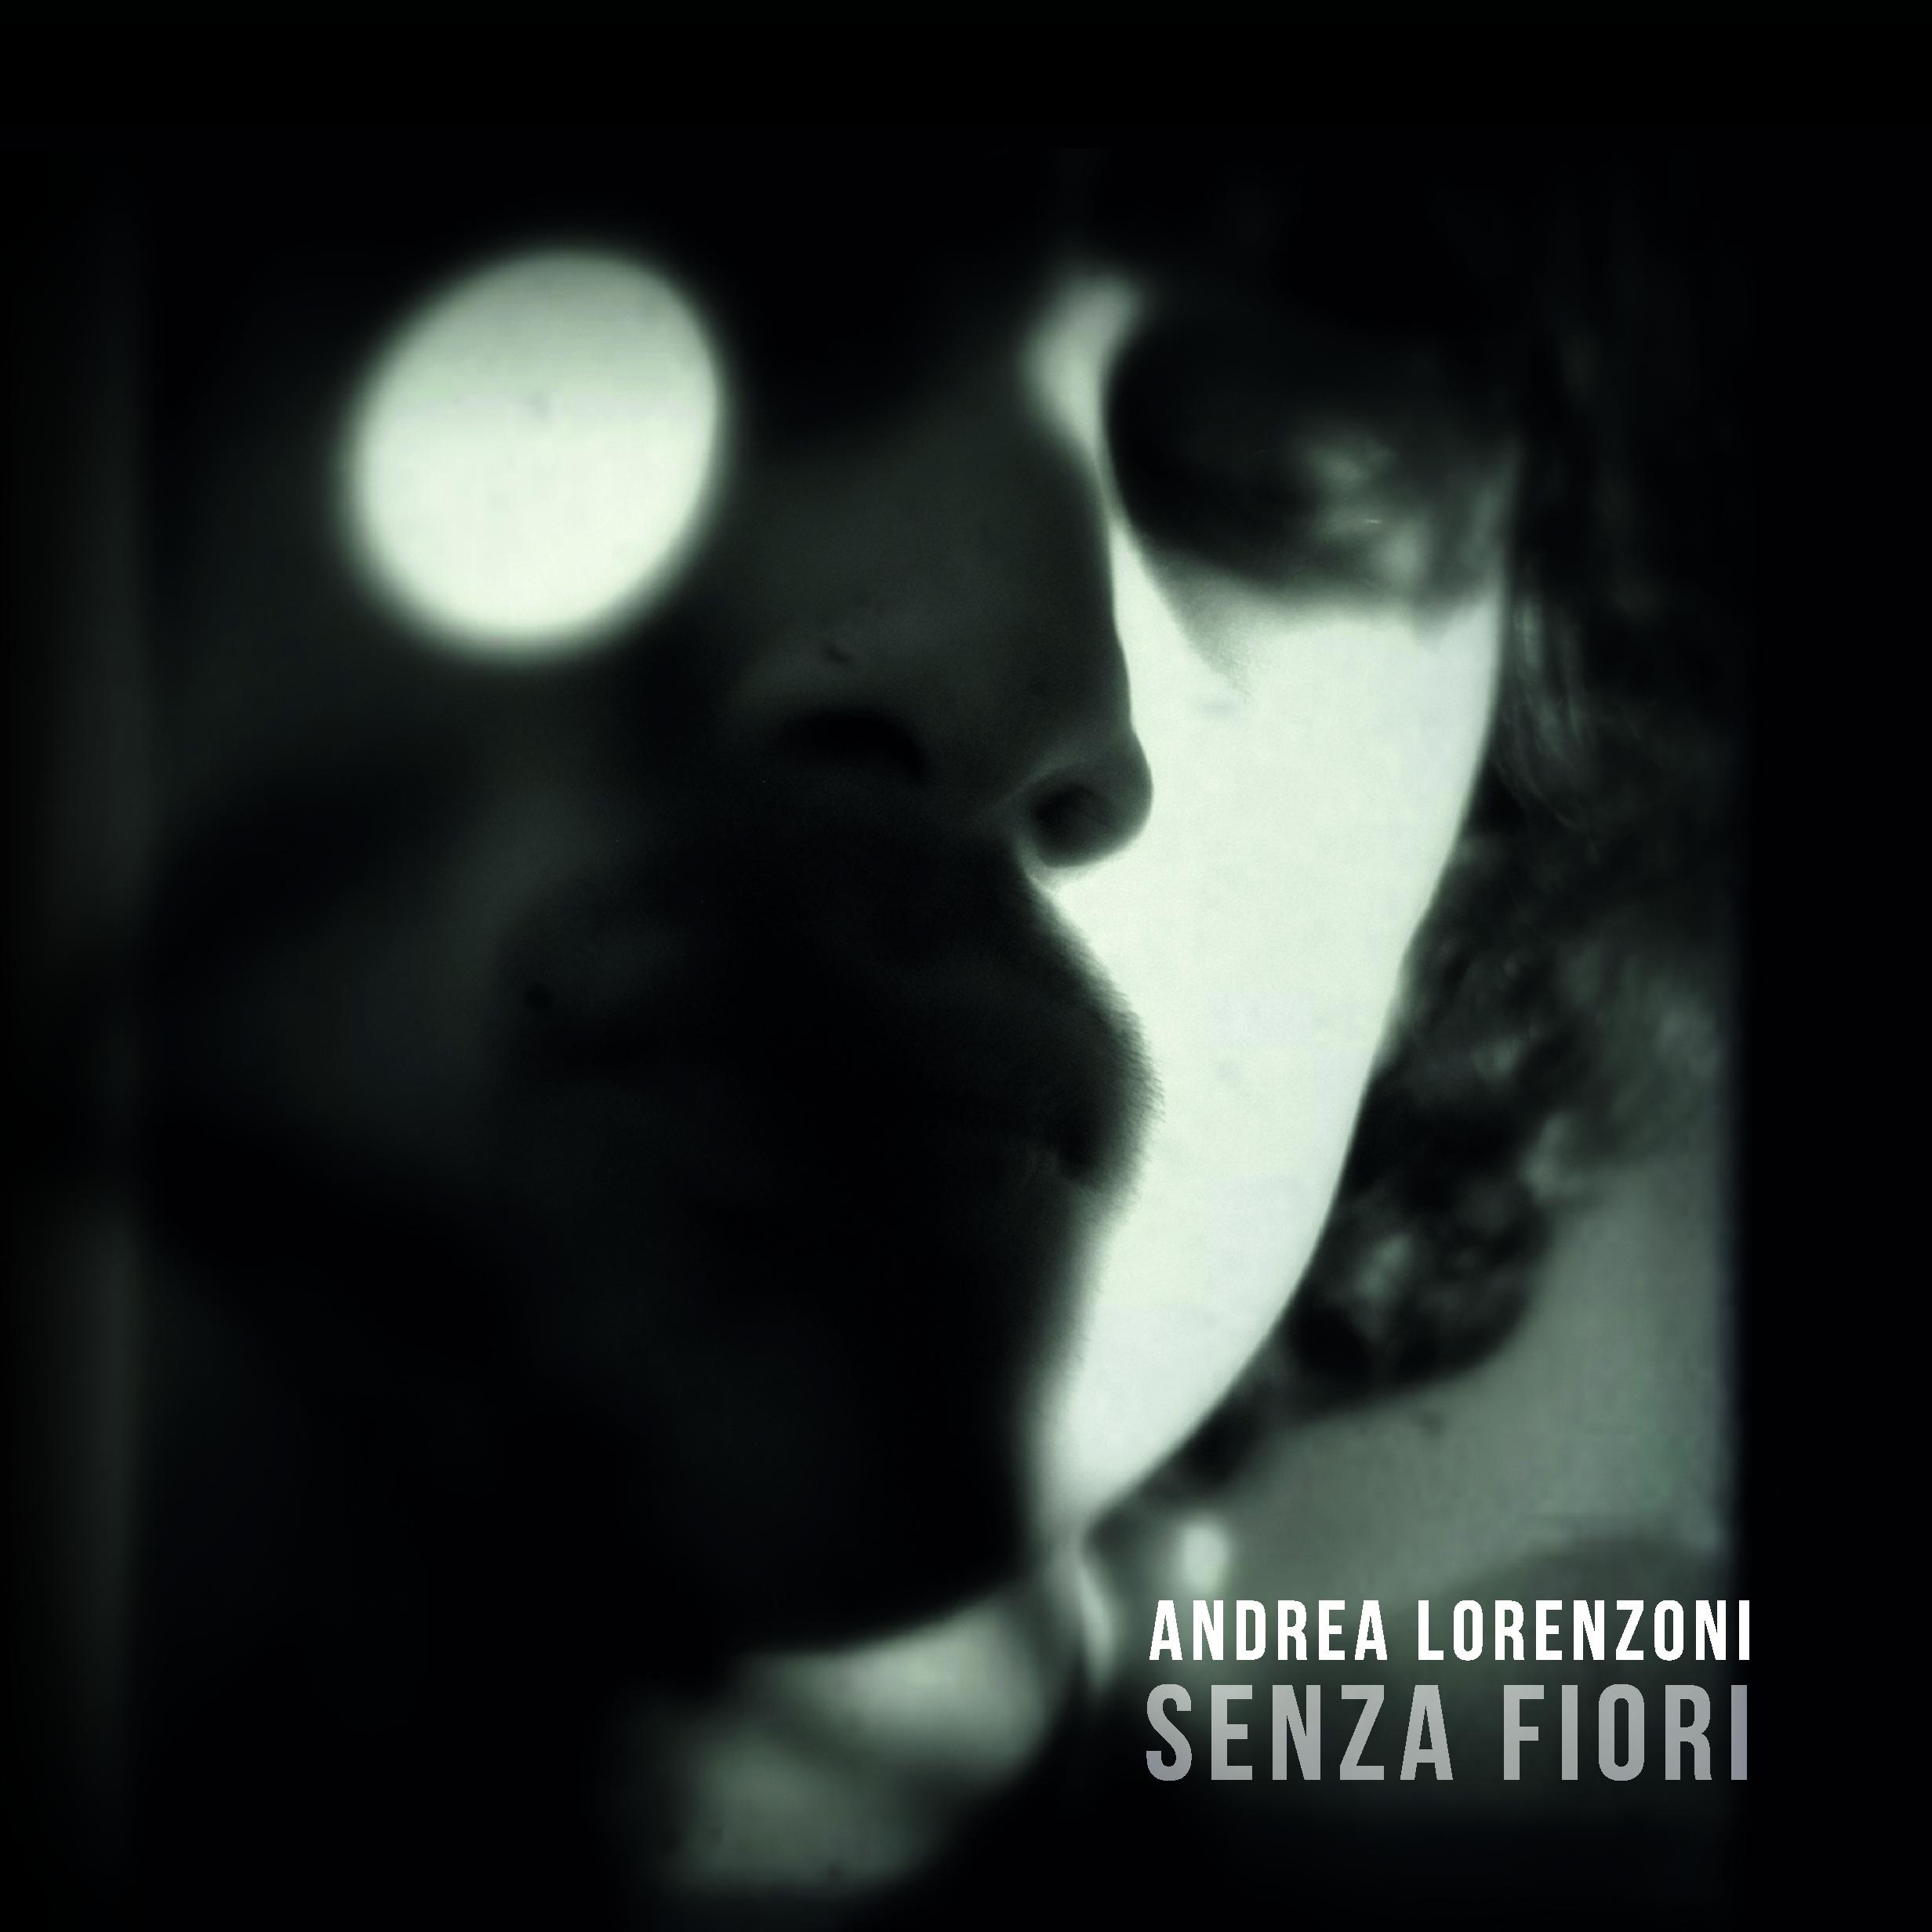 Senza fiori - Il nuovo album di Andrea Lorenzoni